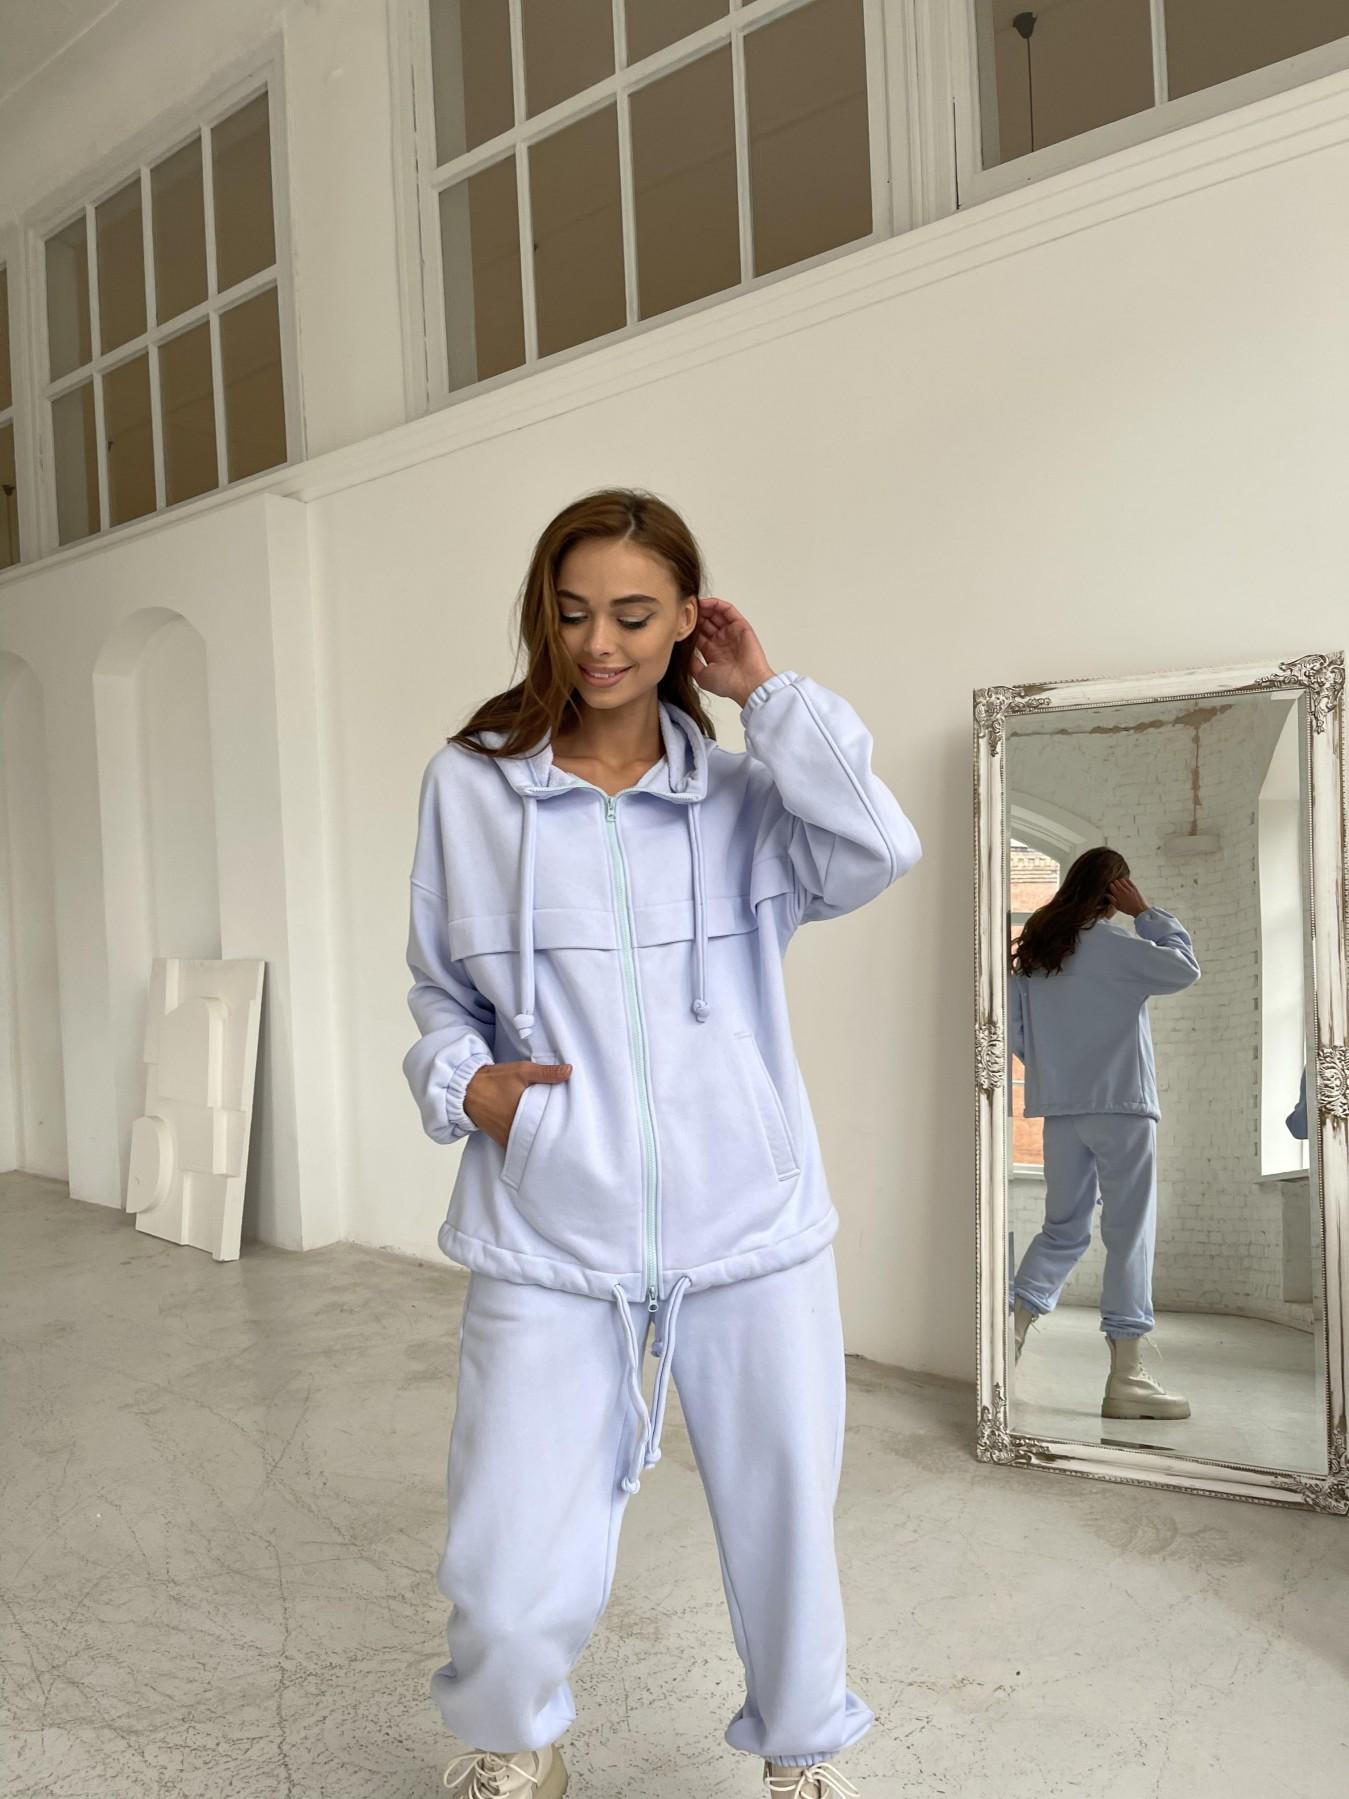 Фит трикотажный костюм из трехнити 11829 АРТ. 48601 Цвет: Голубой Светлый - фото 6, интернет магазин tm-modus.ru